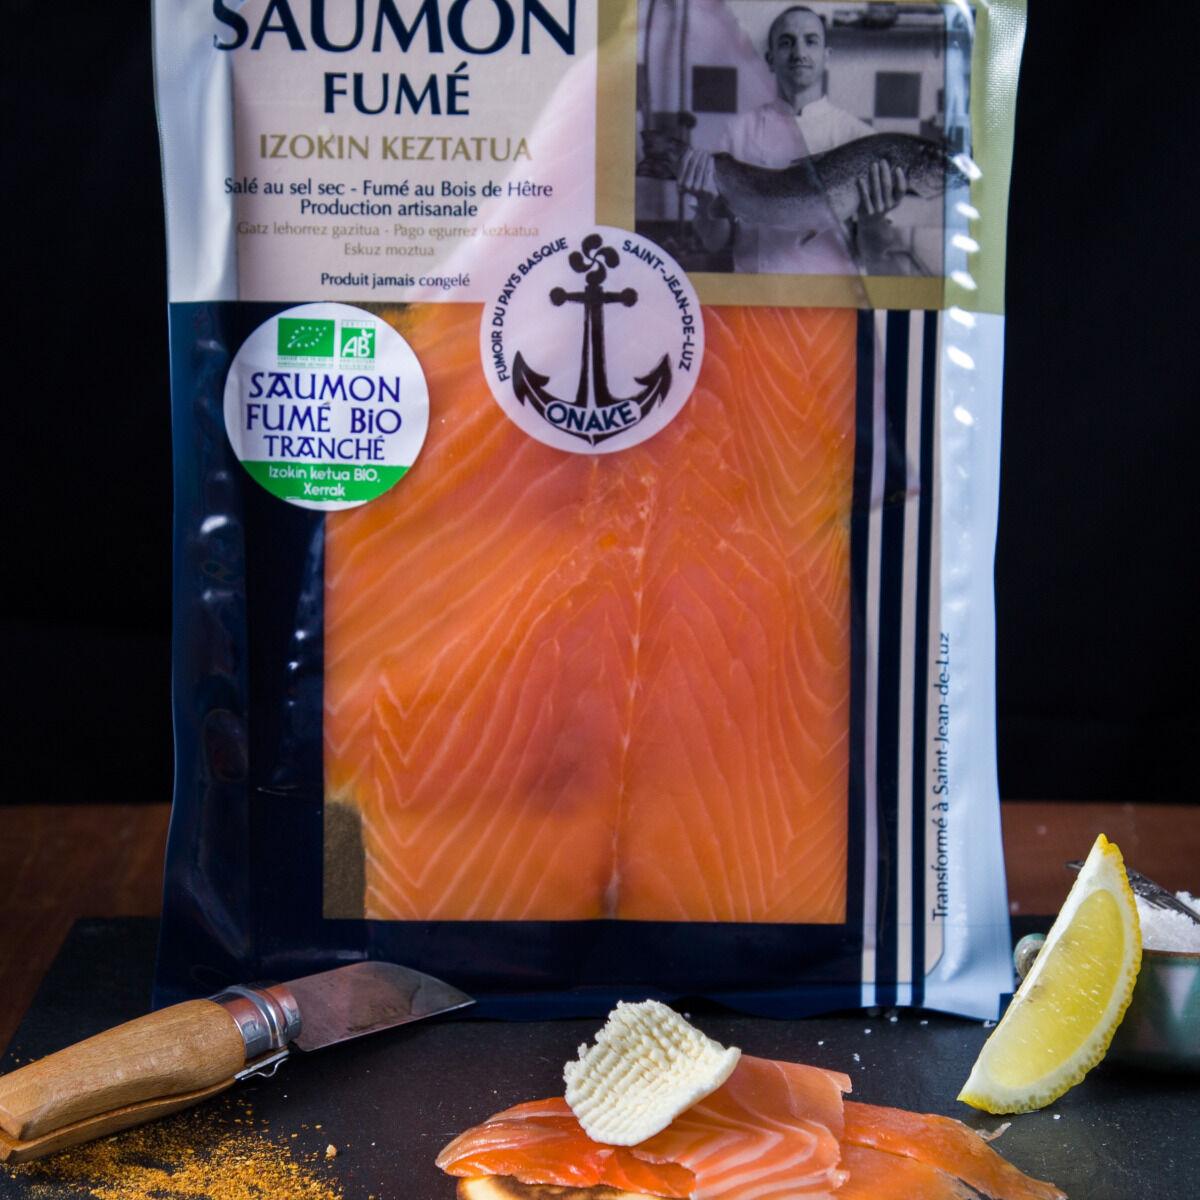 ONAKE - Le Fumoir du Pays Basque Tranches de Saumon Bio Irlandais, Fumé au Bois De Hêtre - 2 Pers